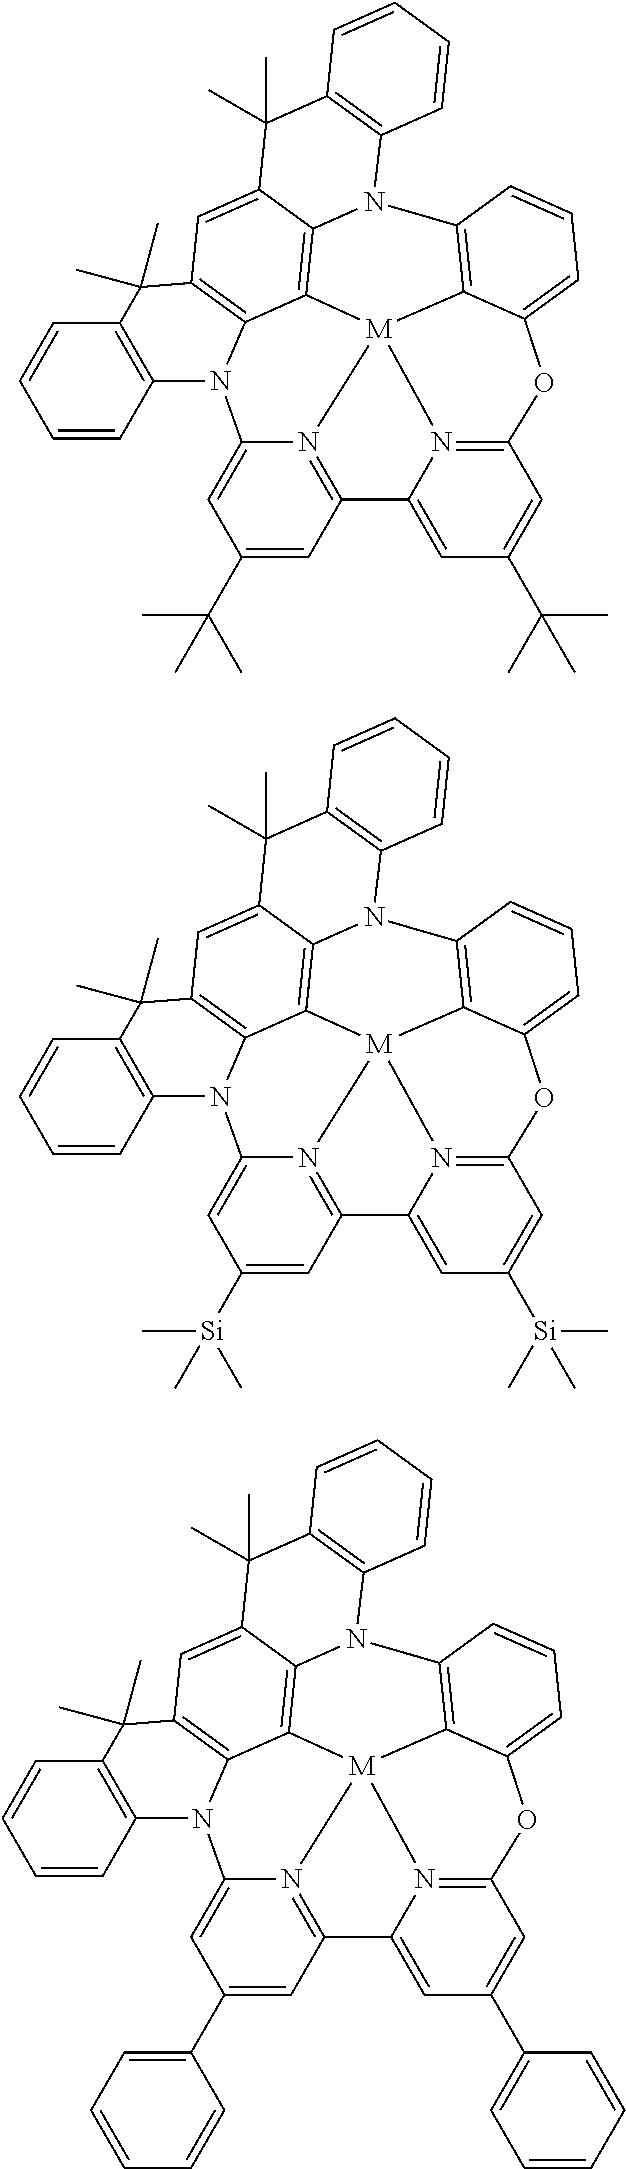 Figure US10158091-20181218-C00222